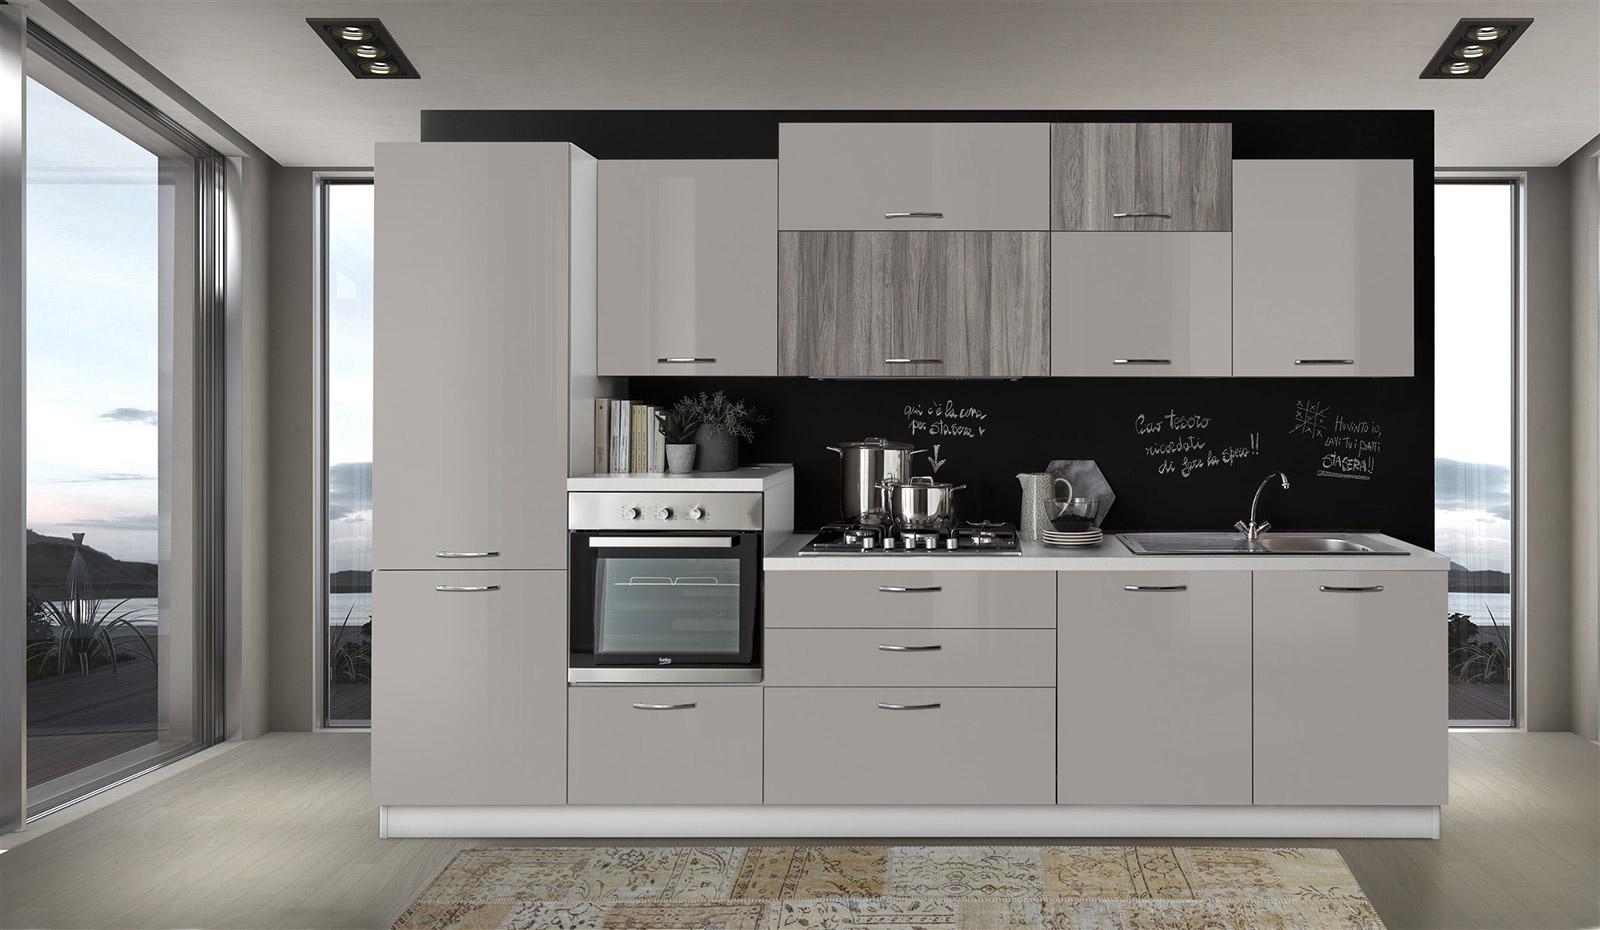 Cucina Cloe con lavastoviglie  Arredamenti Di Lorenzo Napoli